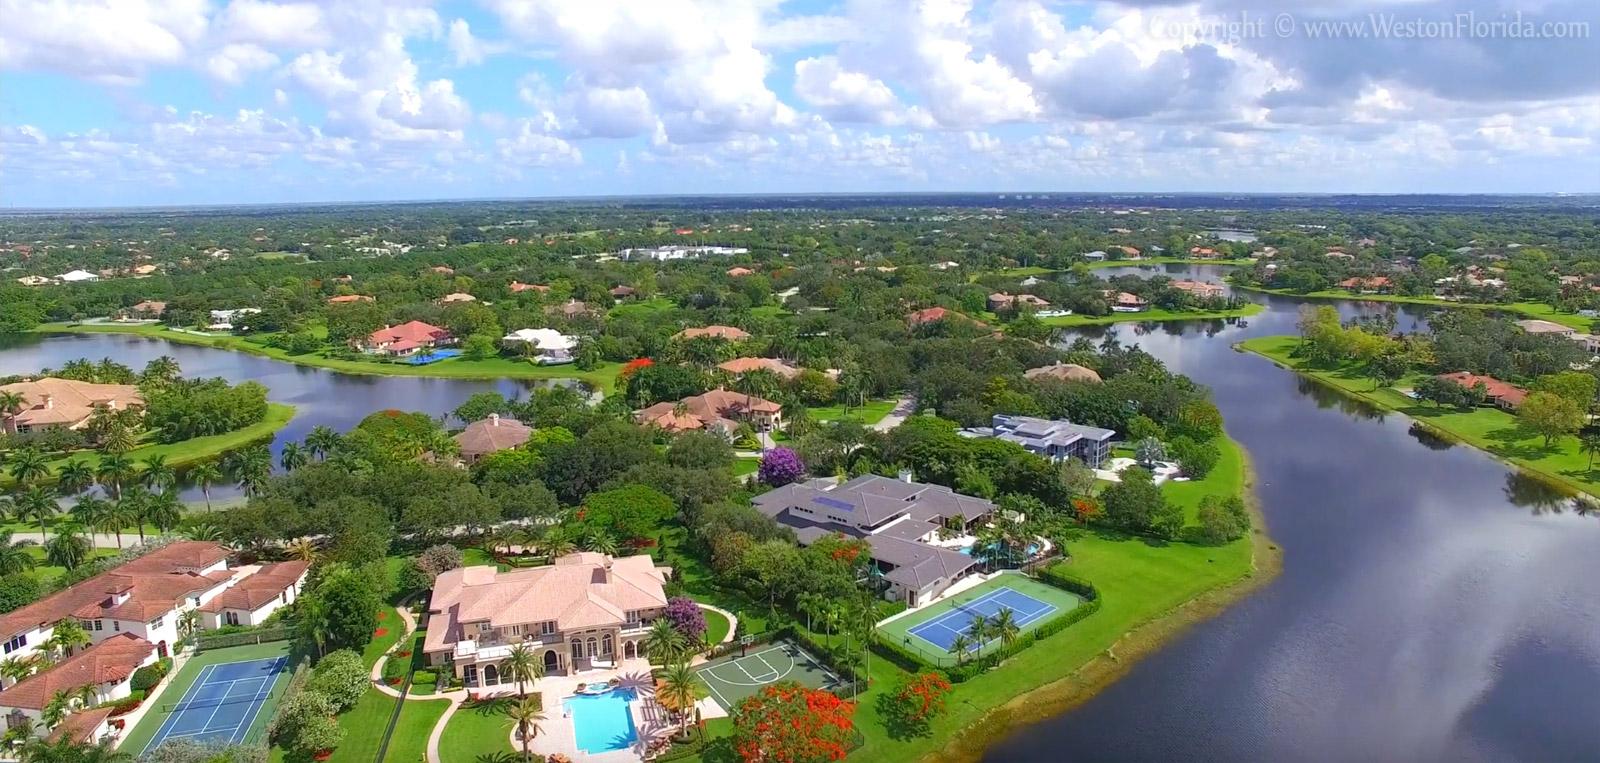 Villas In Weston Florida